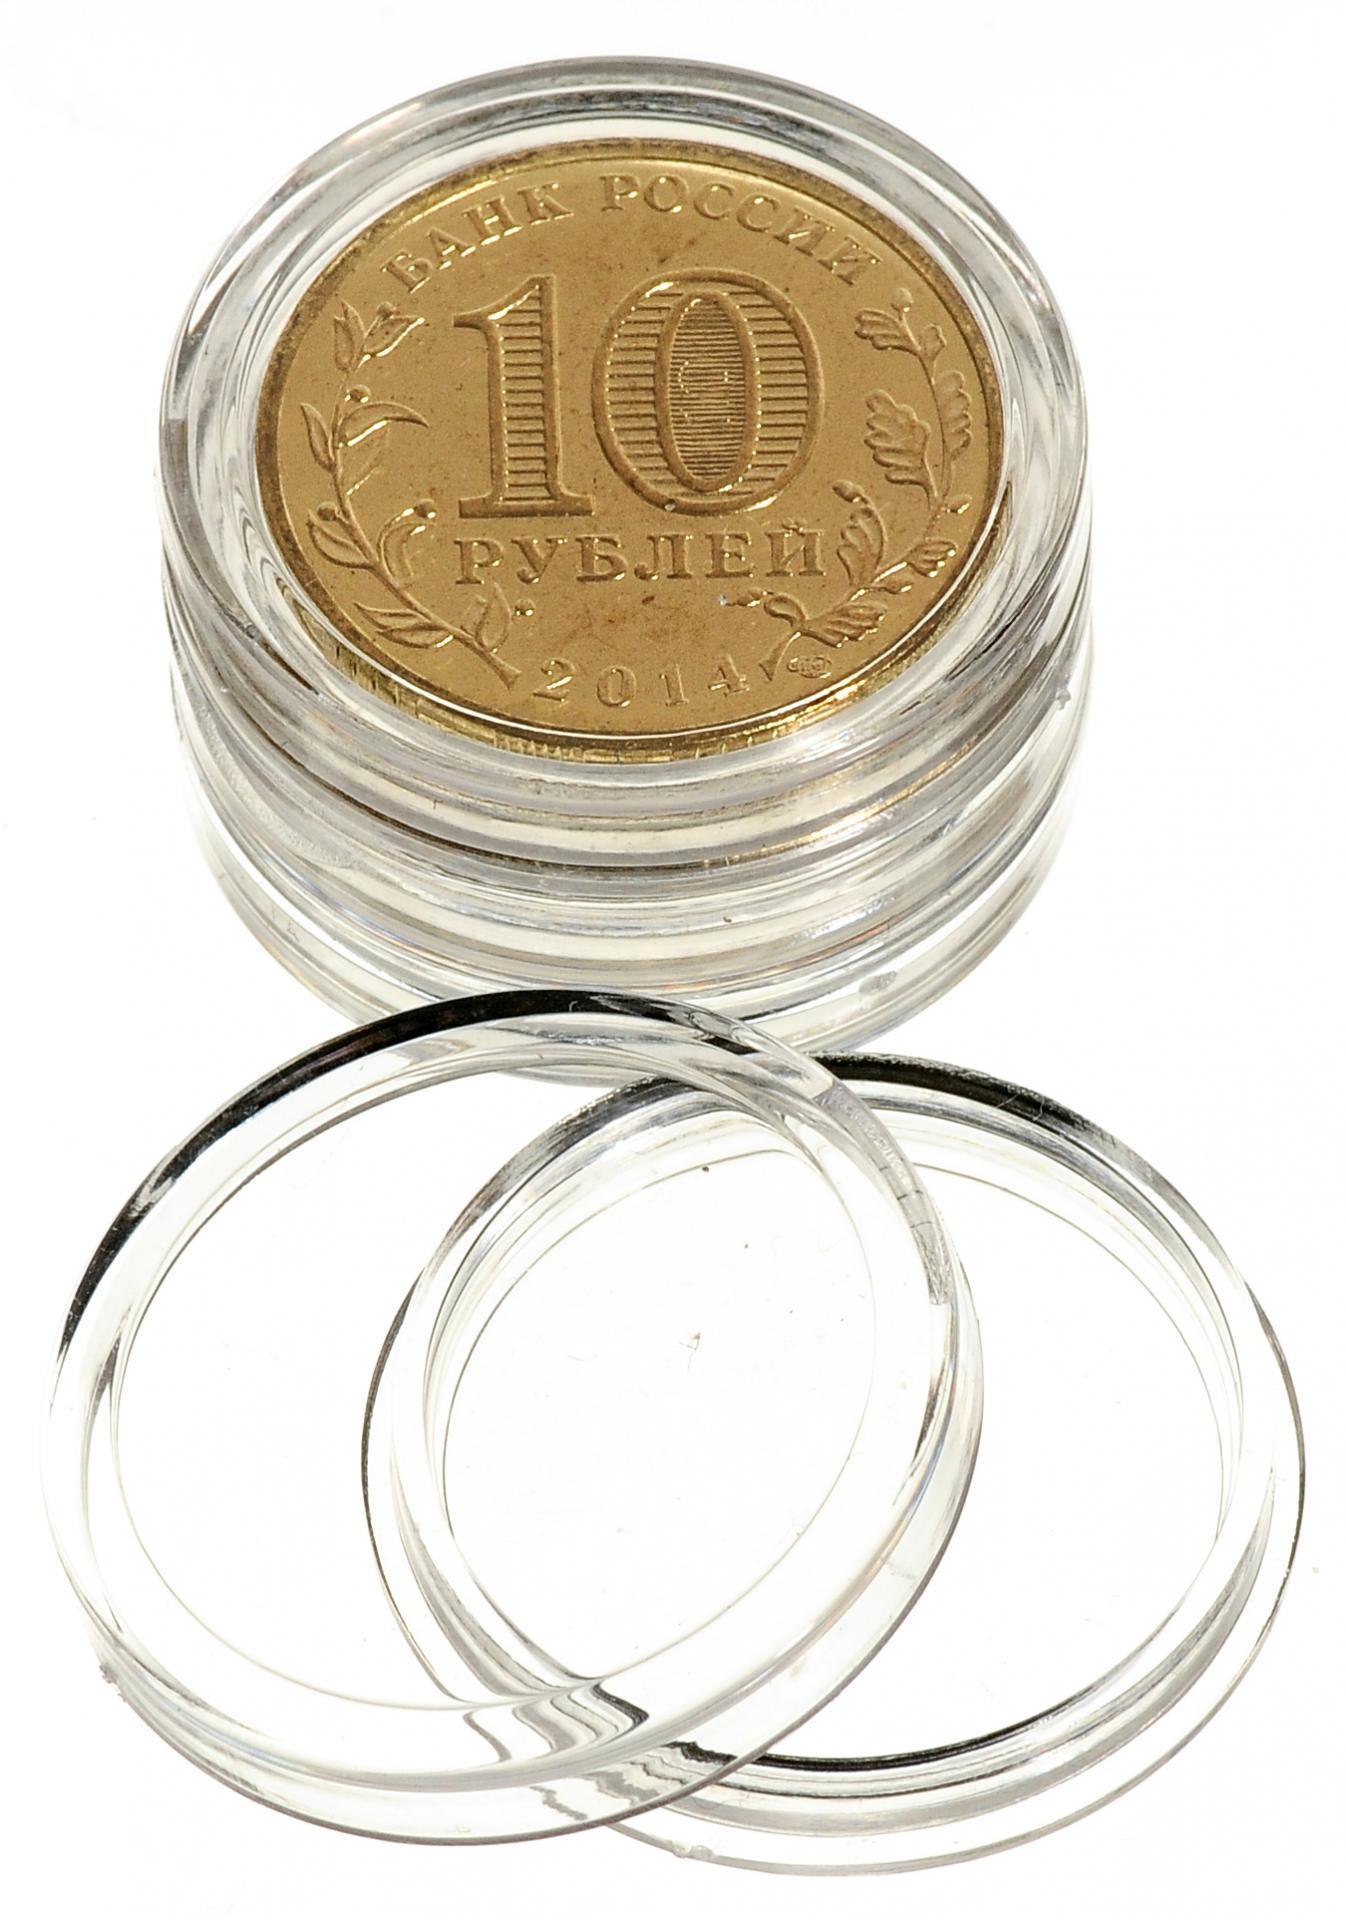 золотые монеты россии стоимость каталог